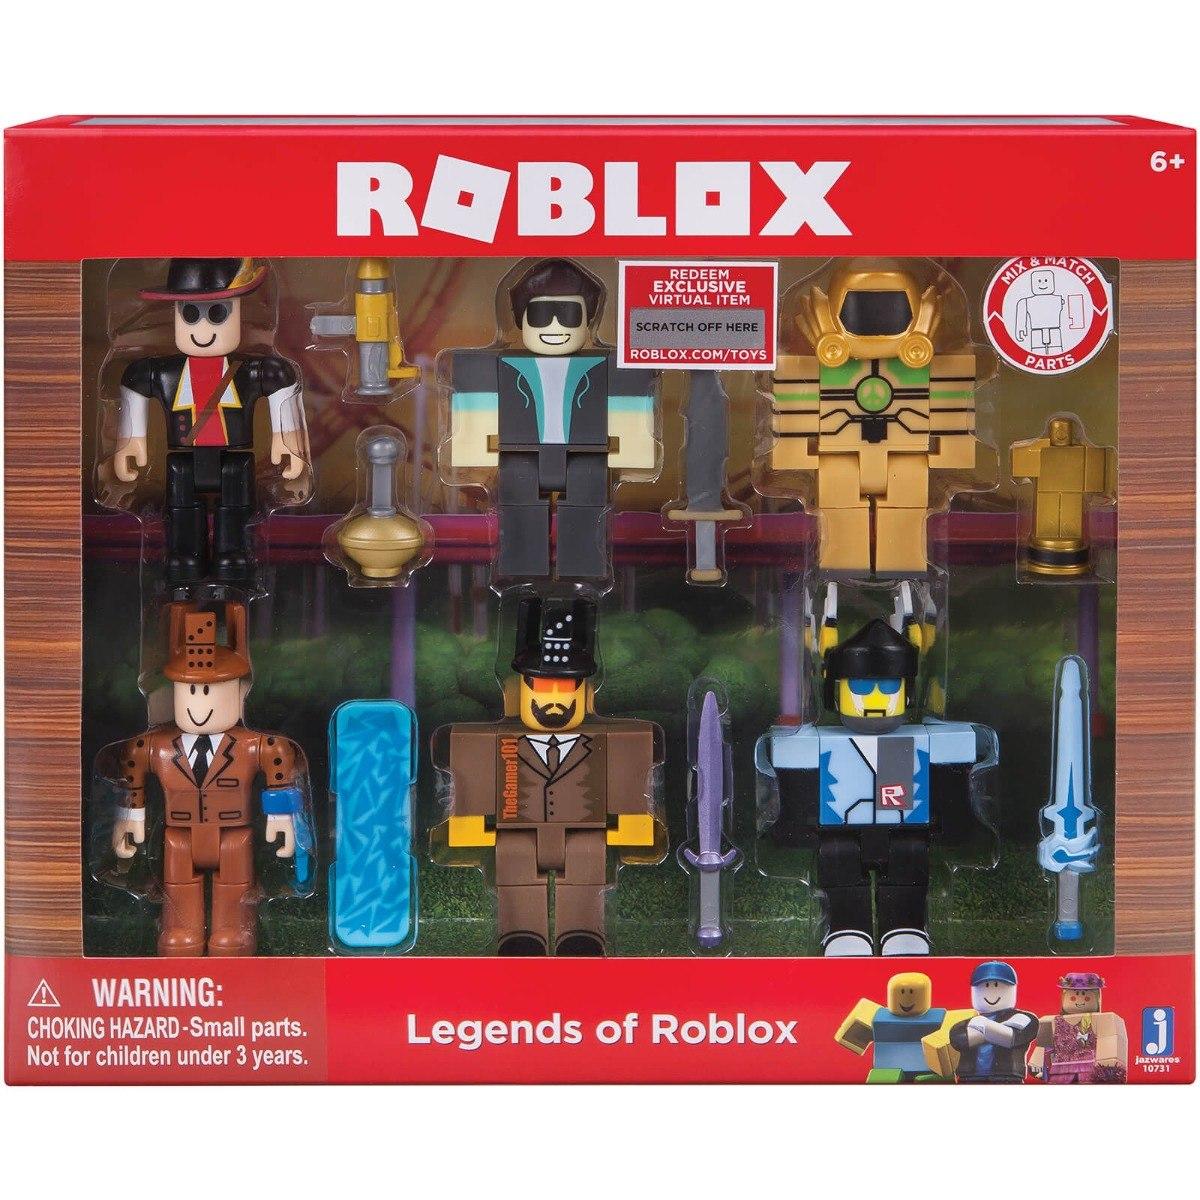 figuras de roblox en mercado libre uruguay Roblox Figura Legends Of Roblox Pack Xuruguay 1 298 00 En Mercado Libre